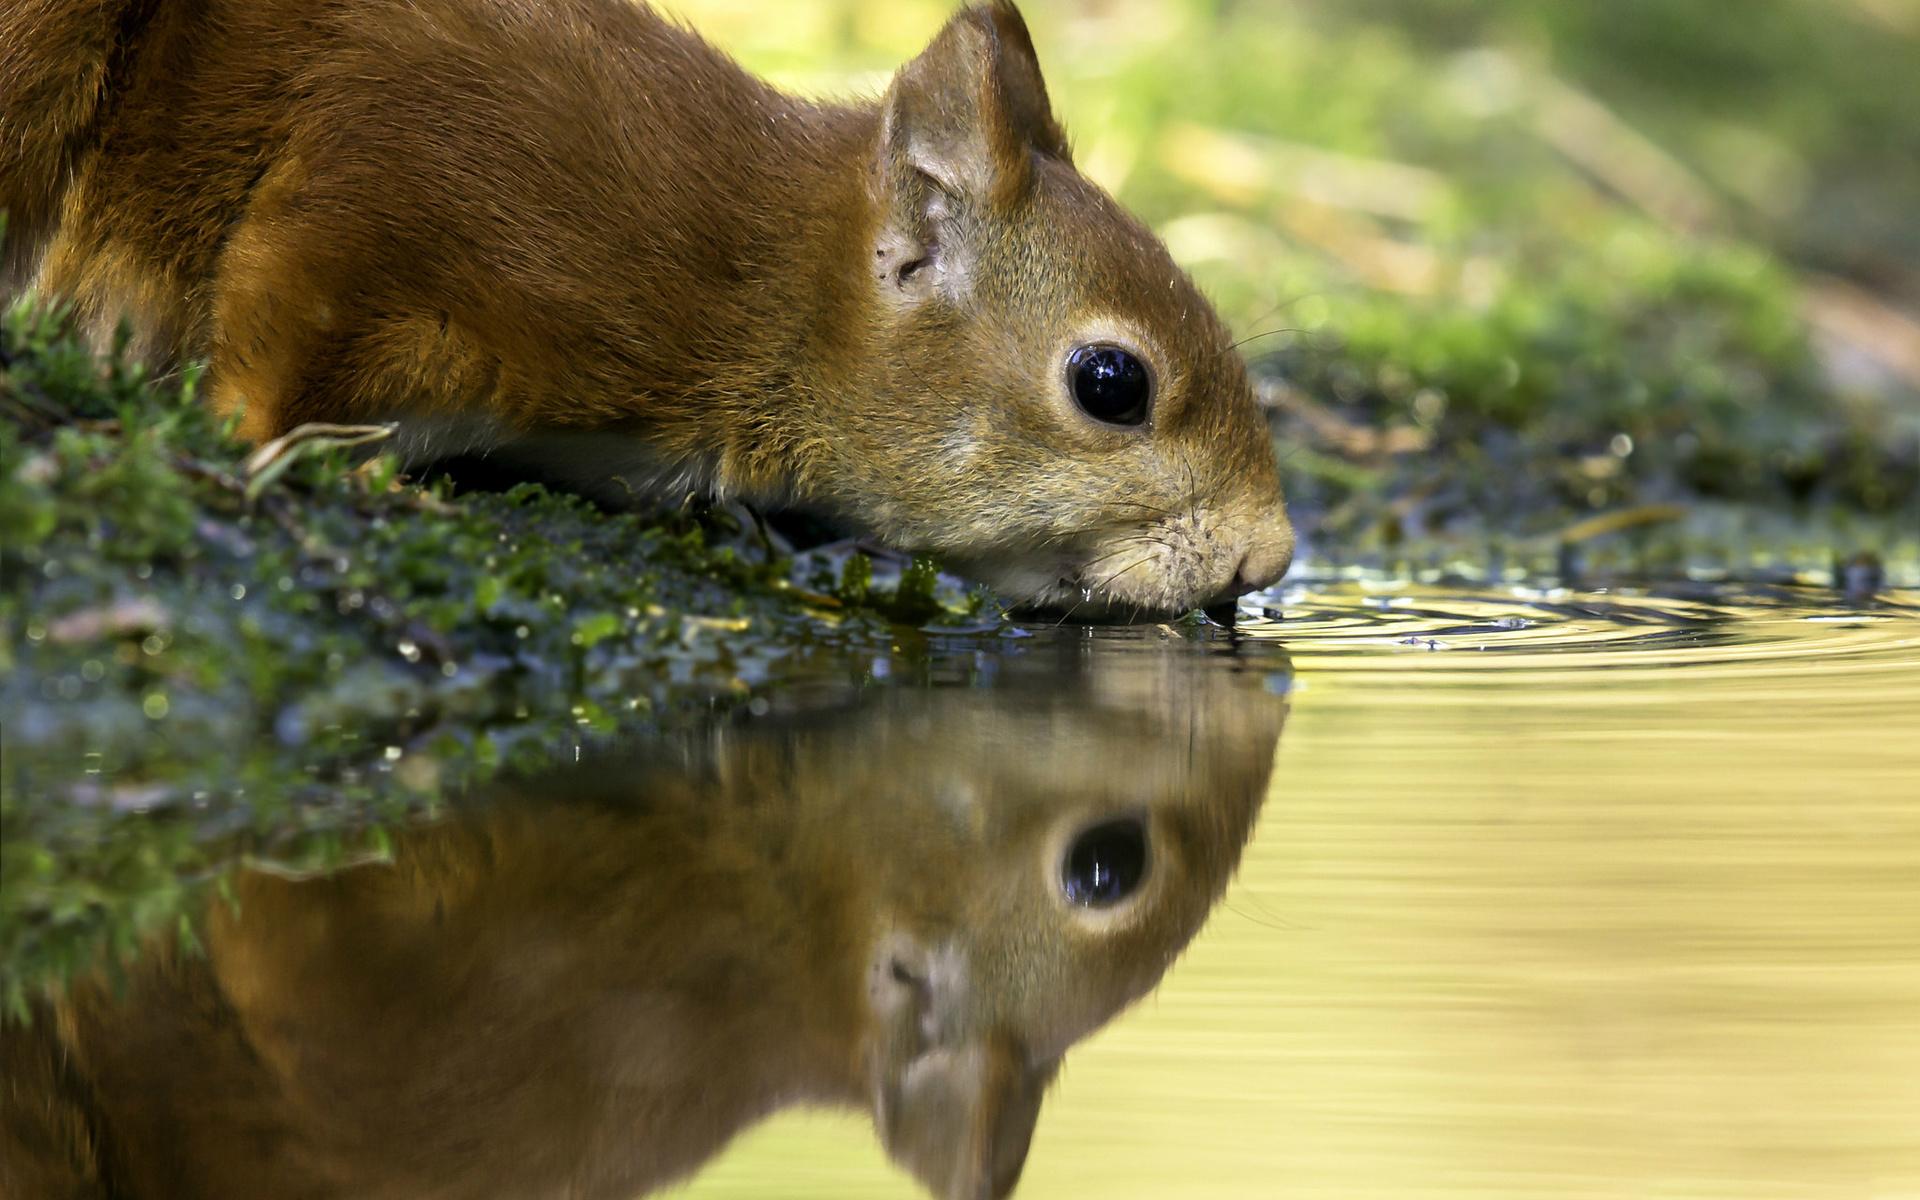 животное, зверёк, белка, вода, жажда, отражение